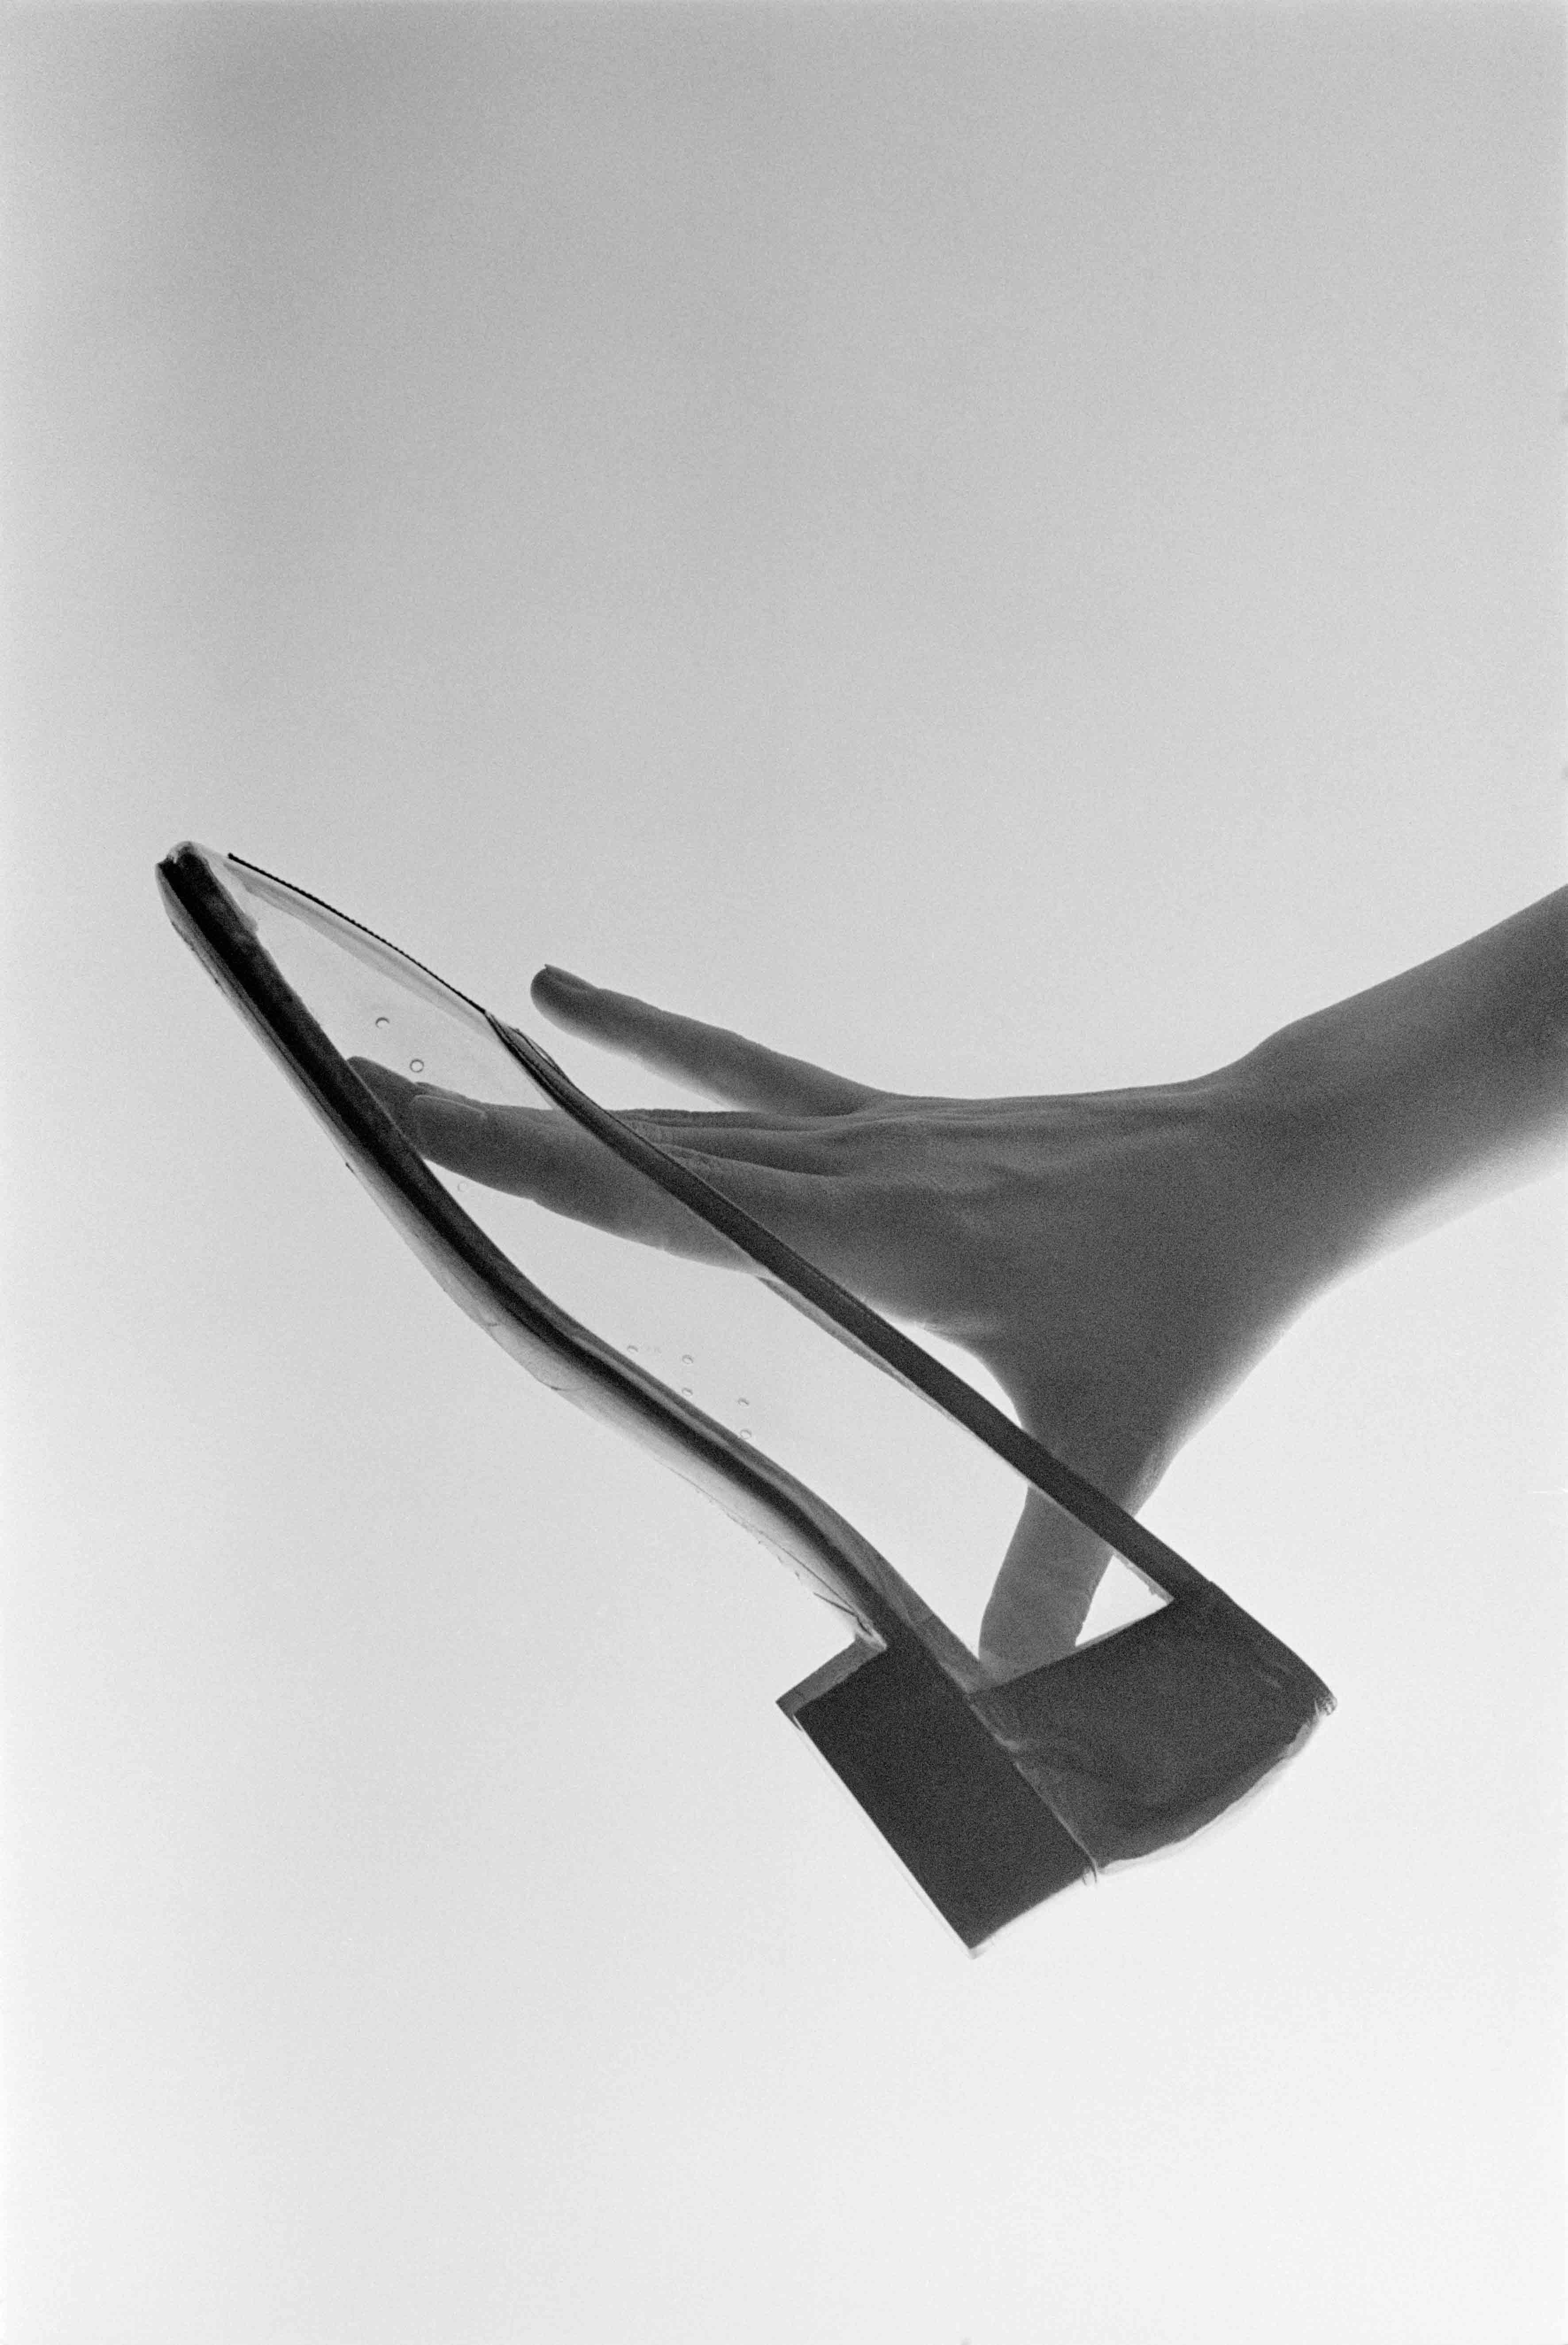 Pour Elle, Chaussure Roger Vivier, 1966 - Copyright Peter Knapp